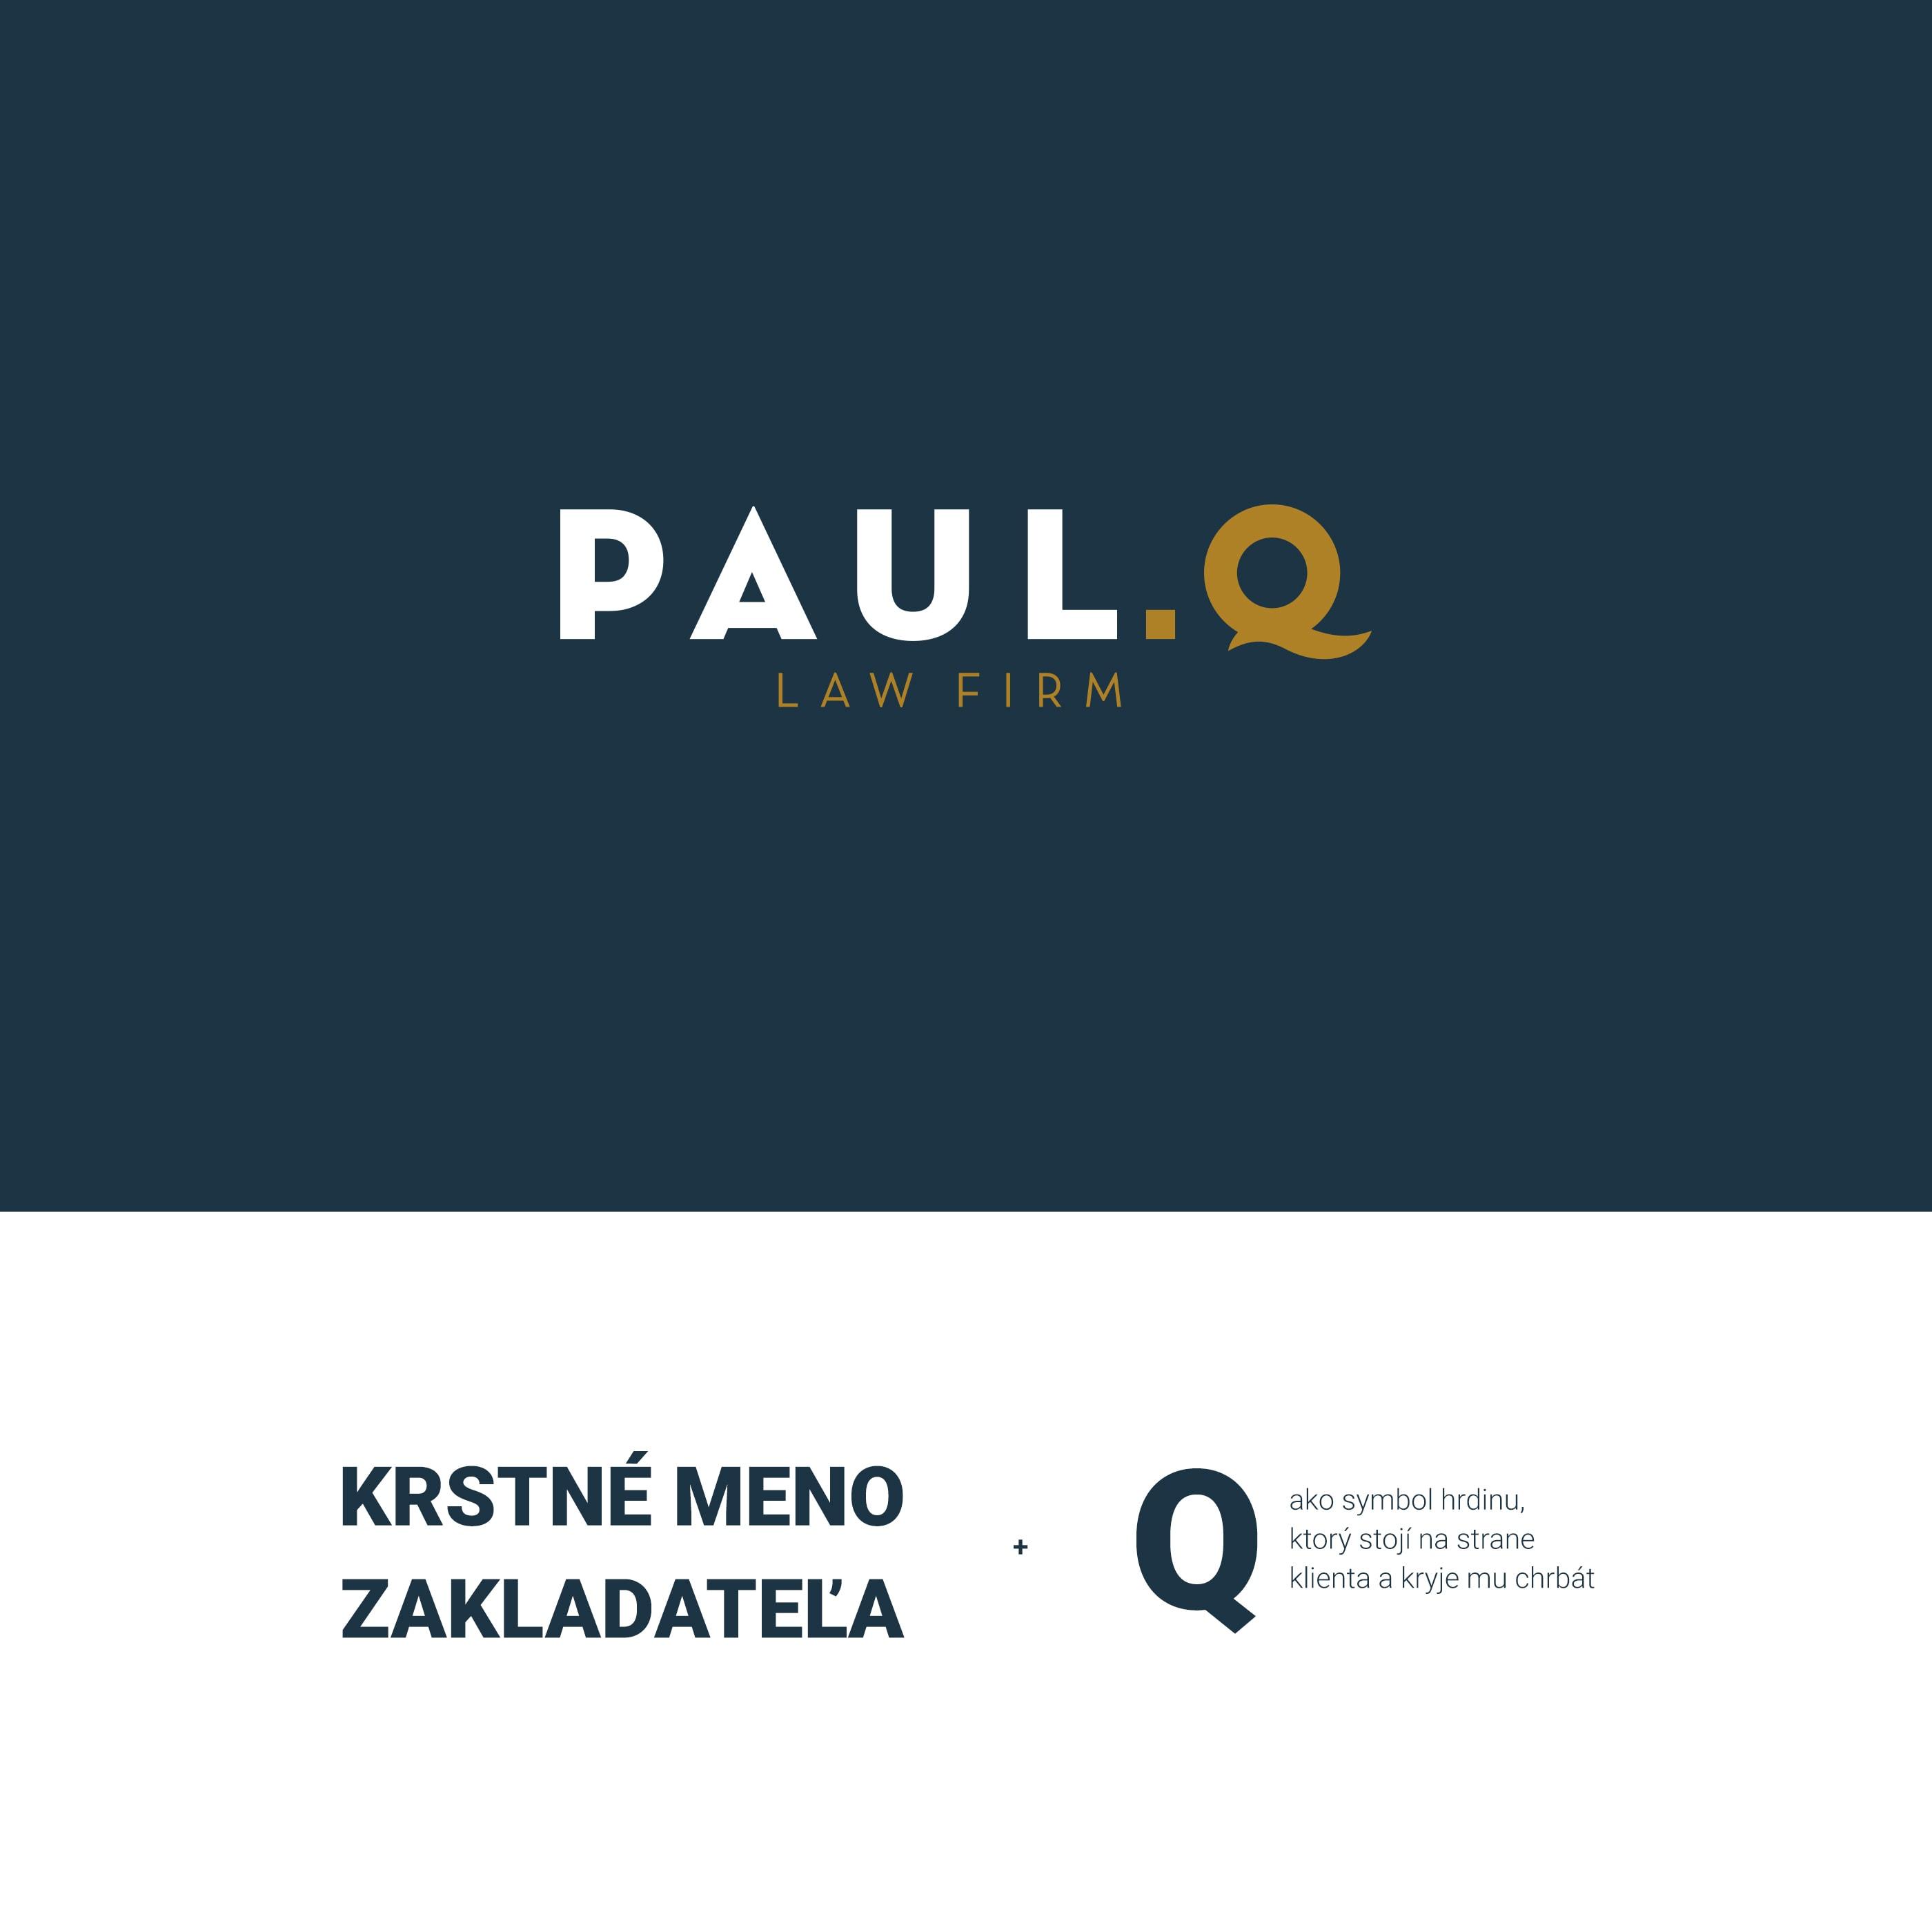 PaulQ